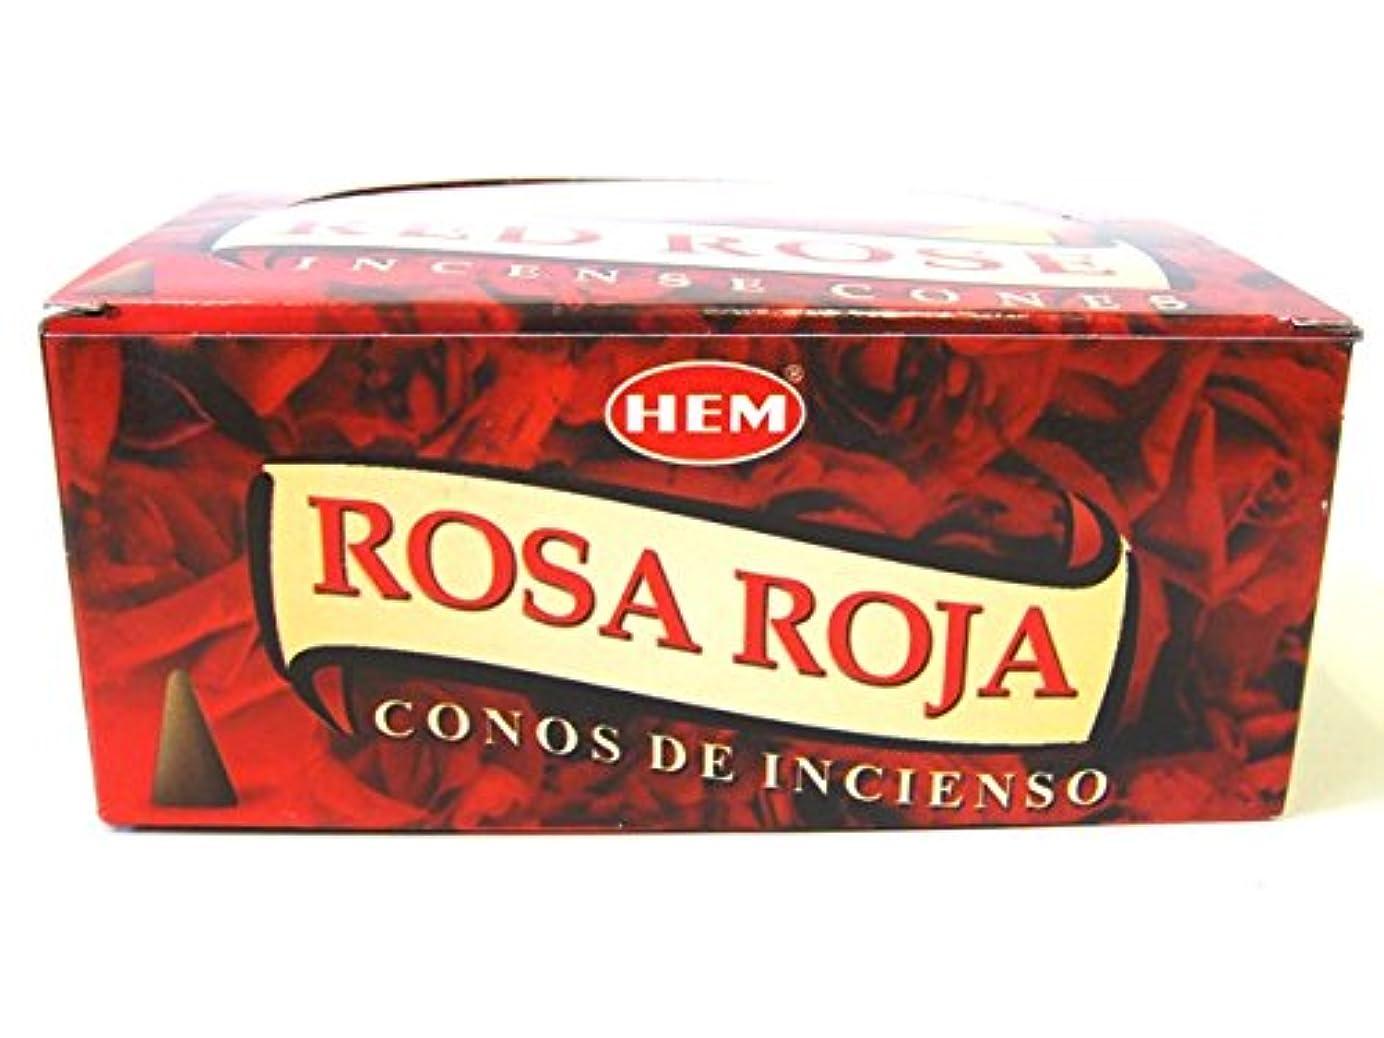 バスト葉を拾う眉をひそめるHEM お香 レッドローズ(RED ROSE) コーンタイプ 1ケース(12箱入り) お香薔薇